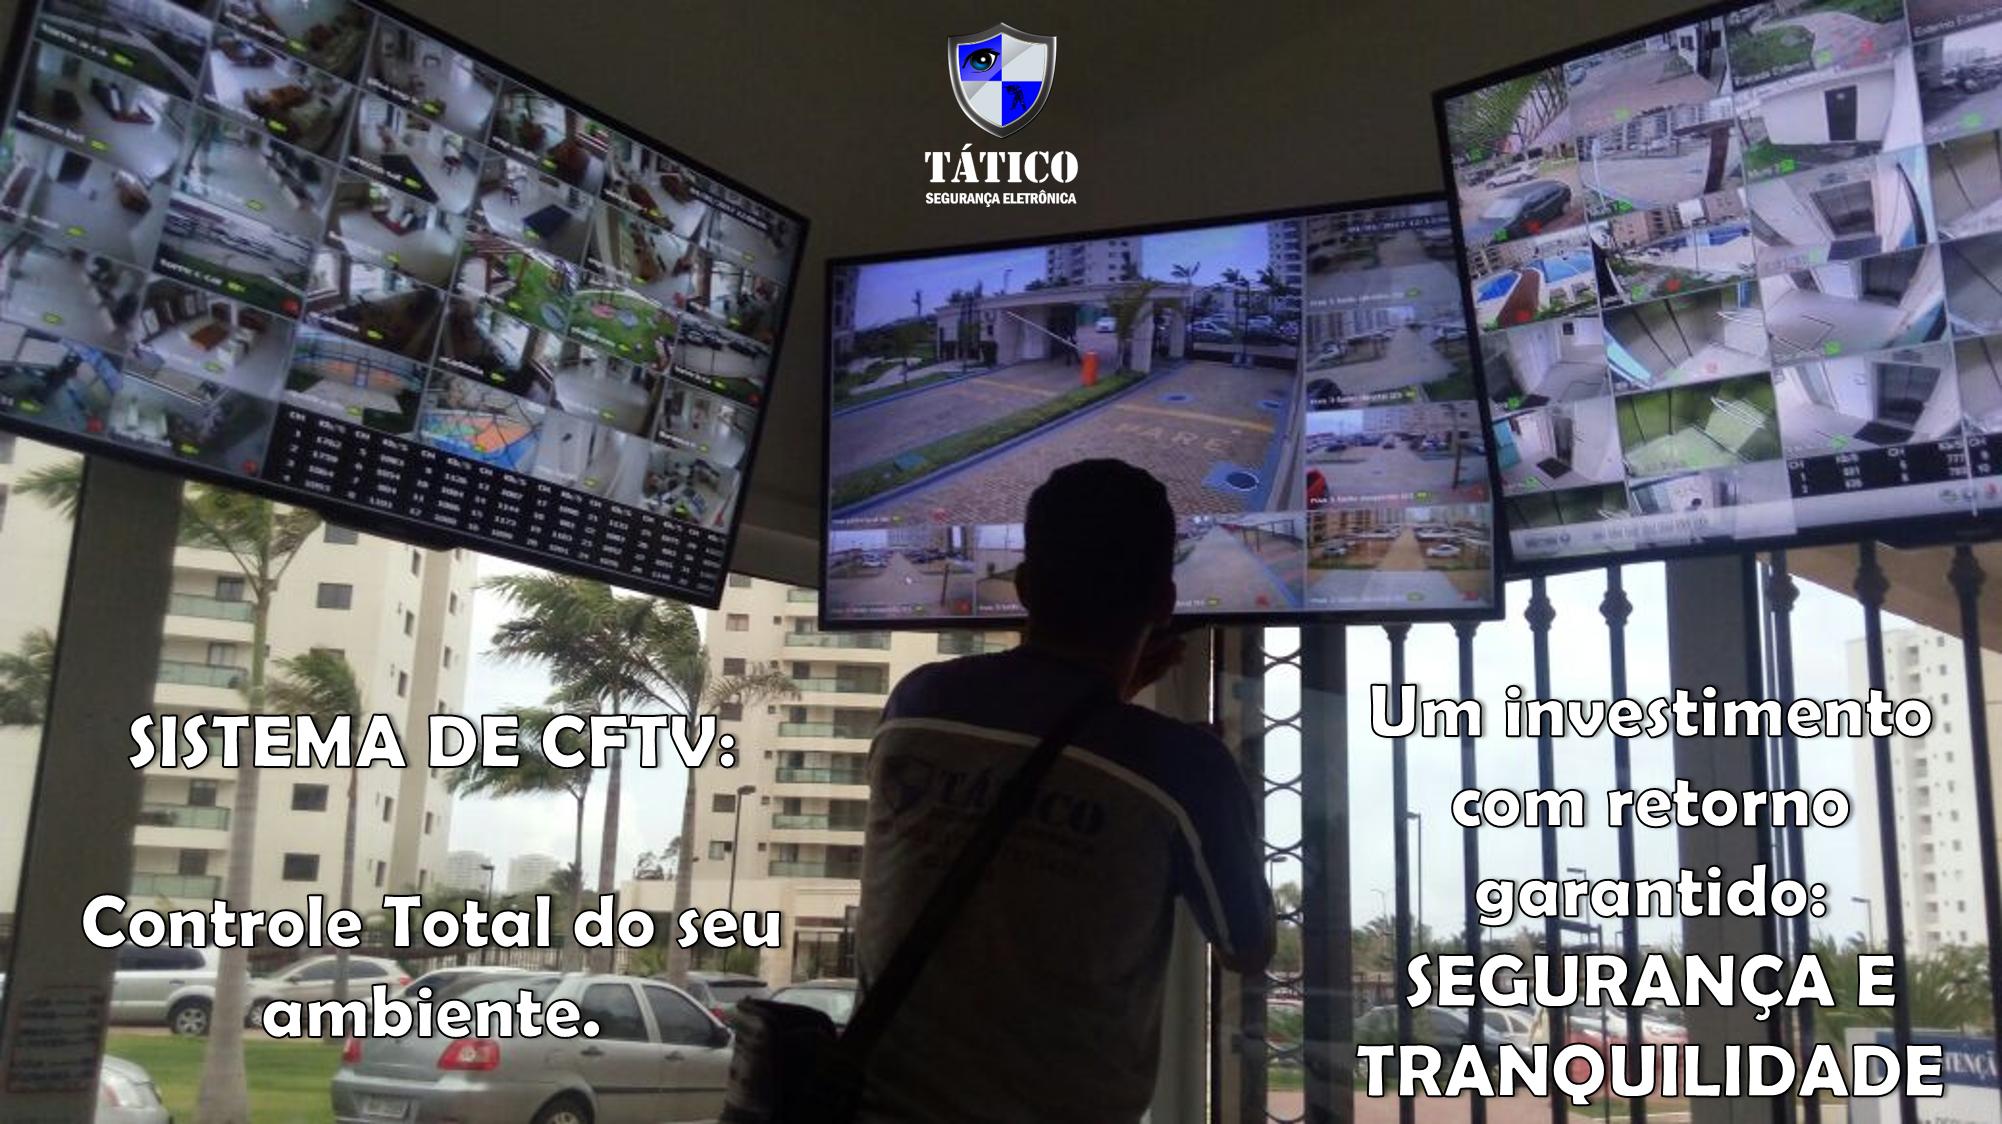 CFTV câmeras Tático Segurança